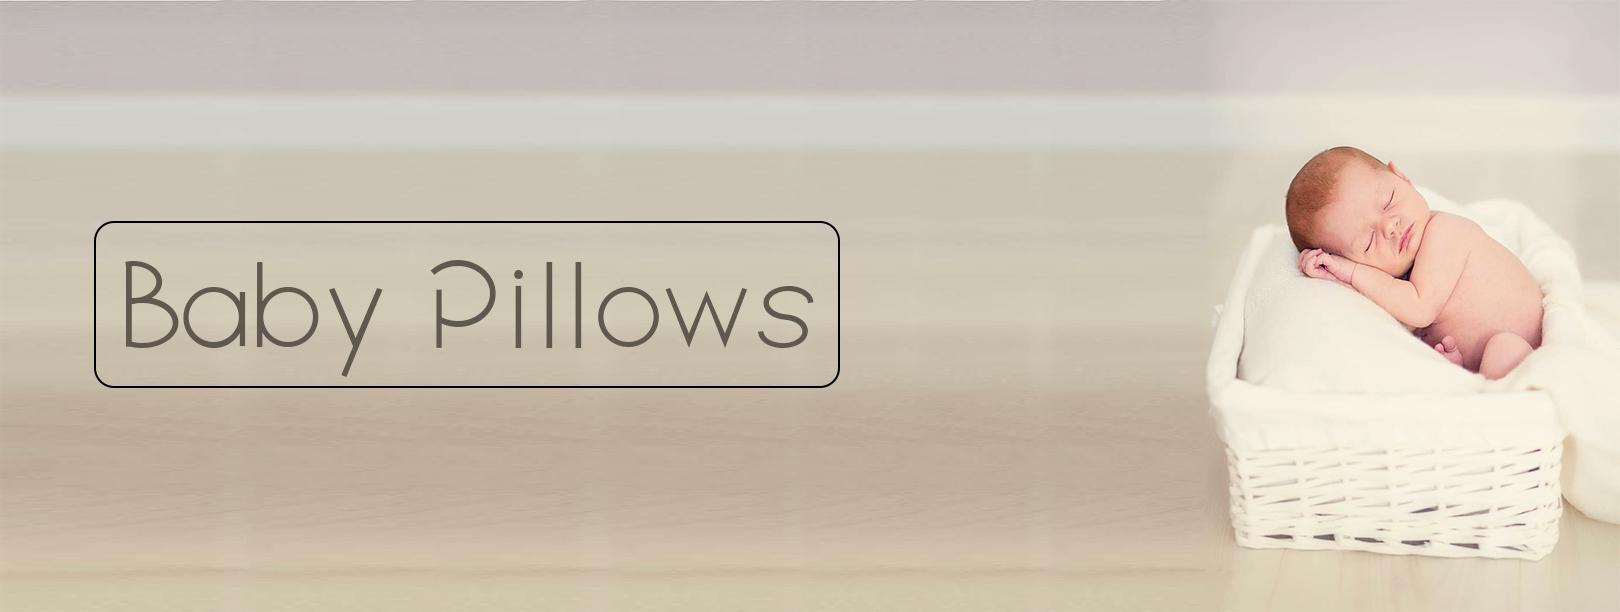 Flipkart Mattresses And Pillows